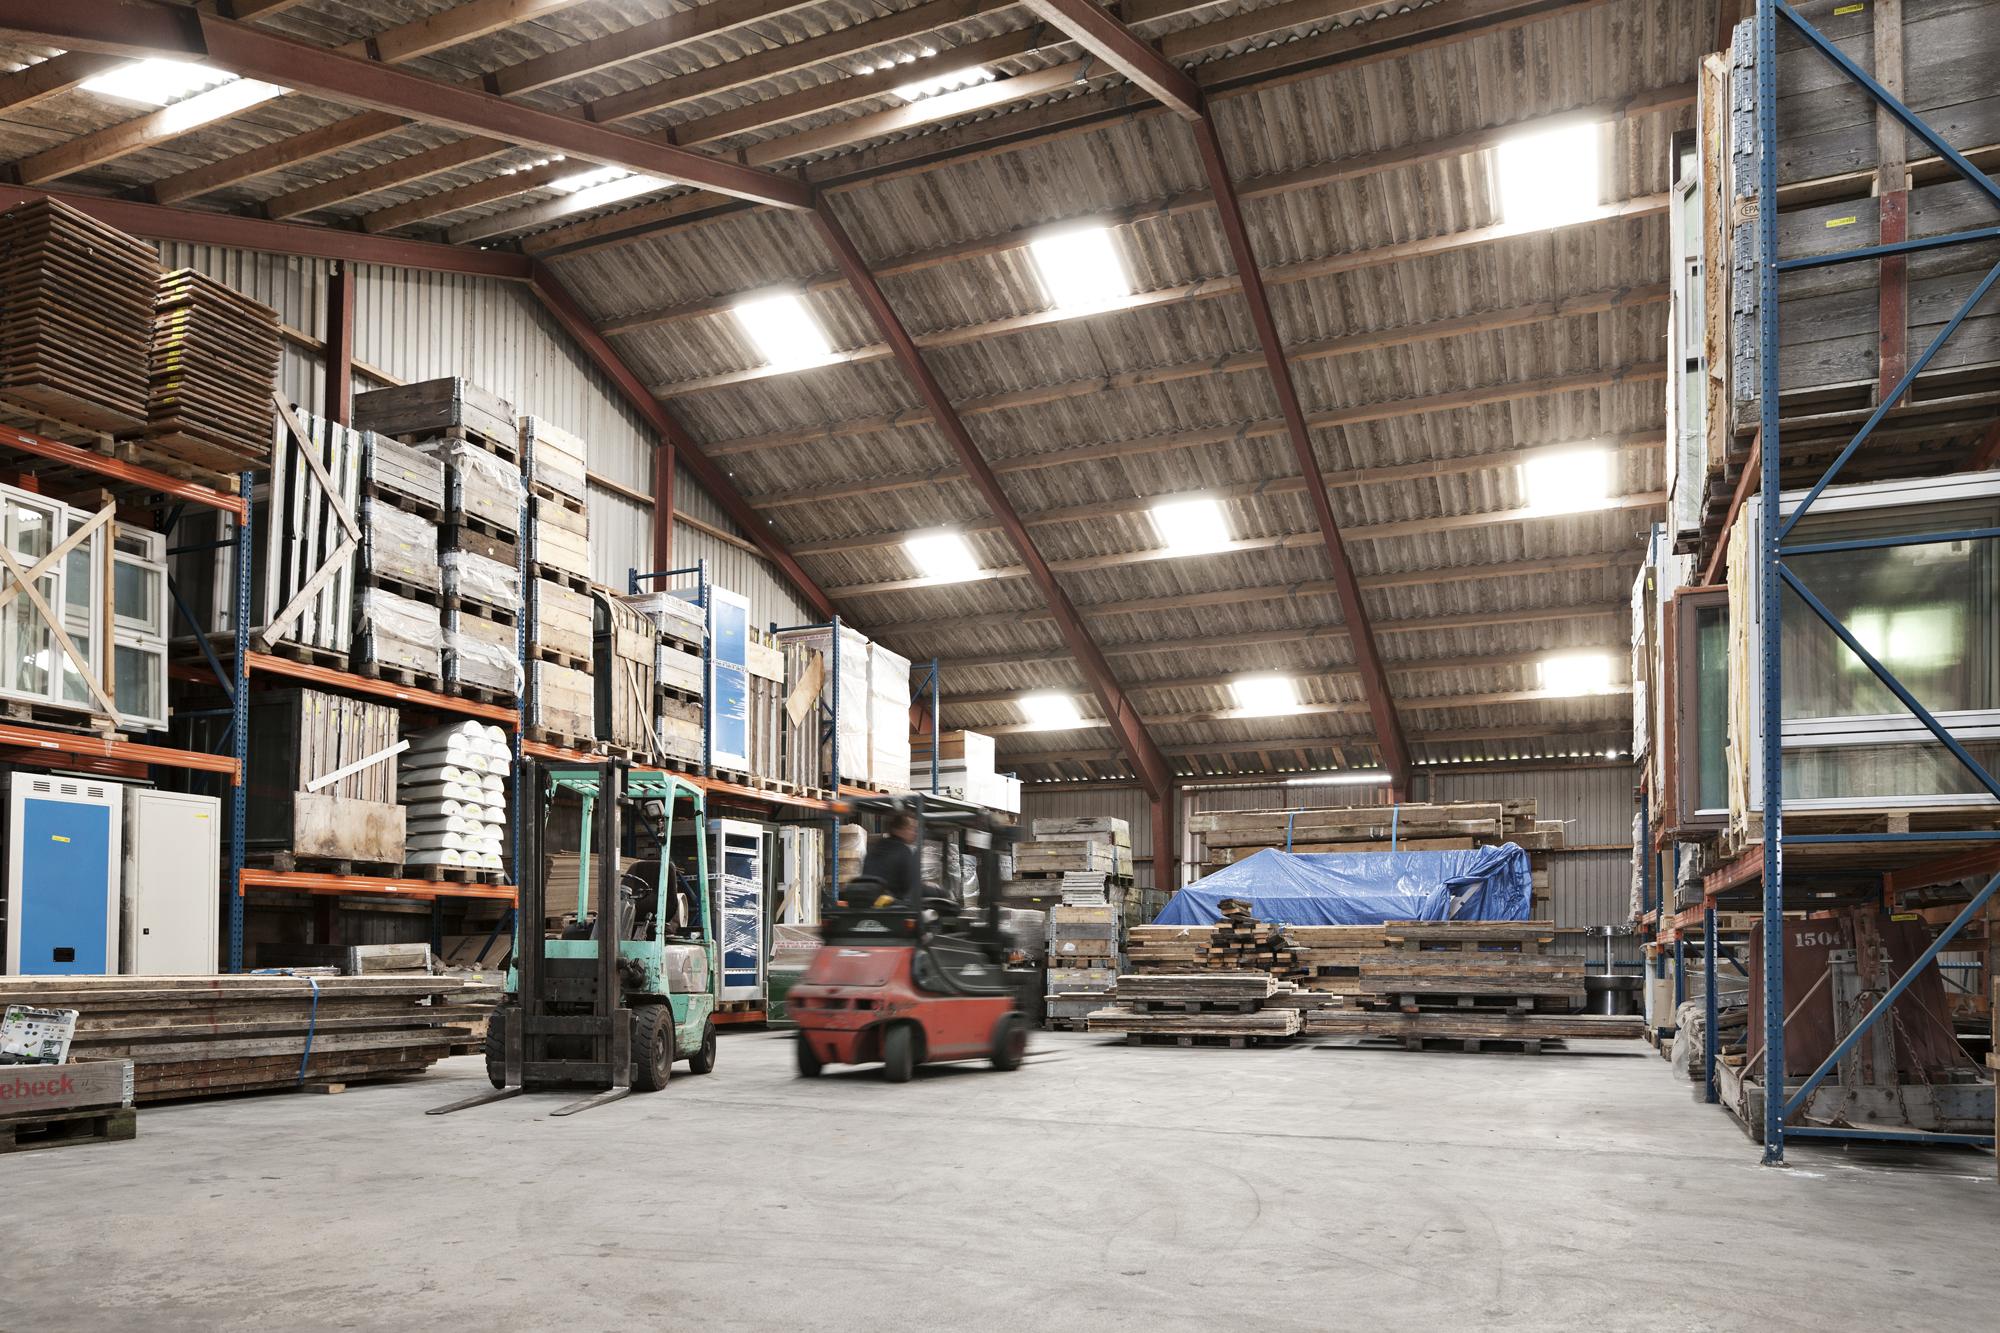 Byggemarked med brugte byggematerialer